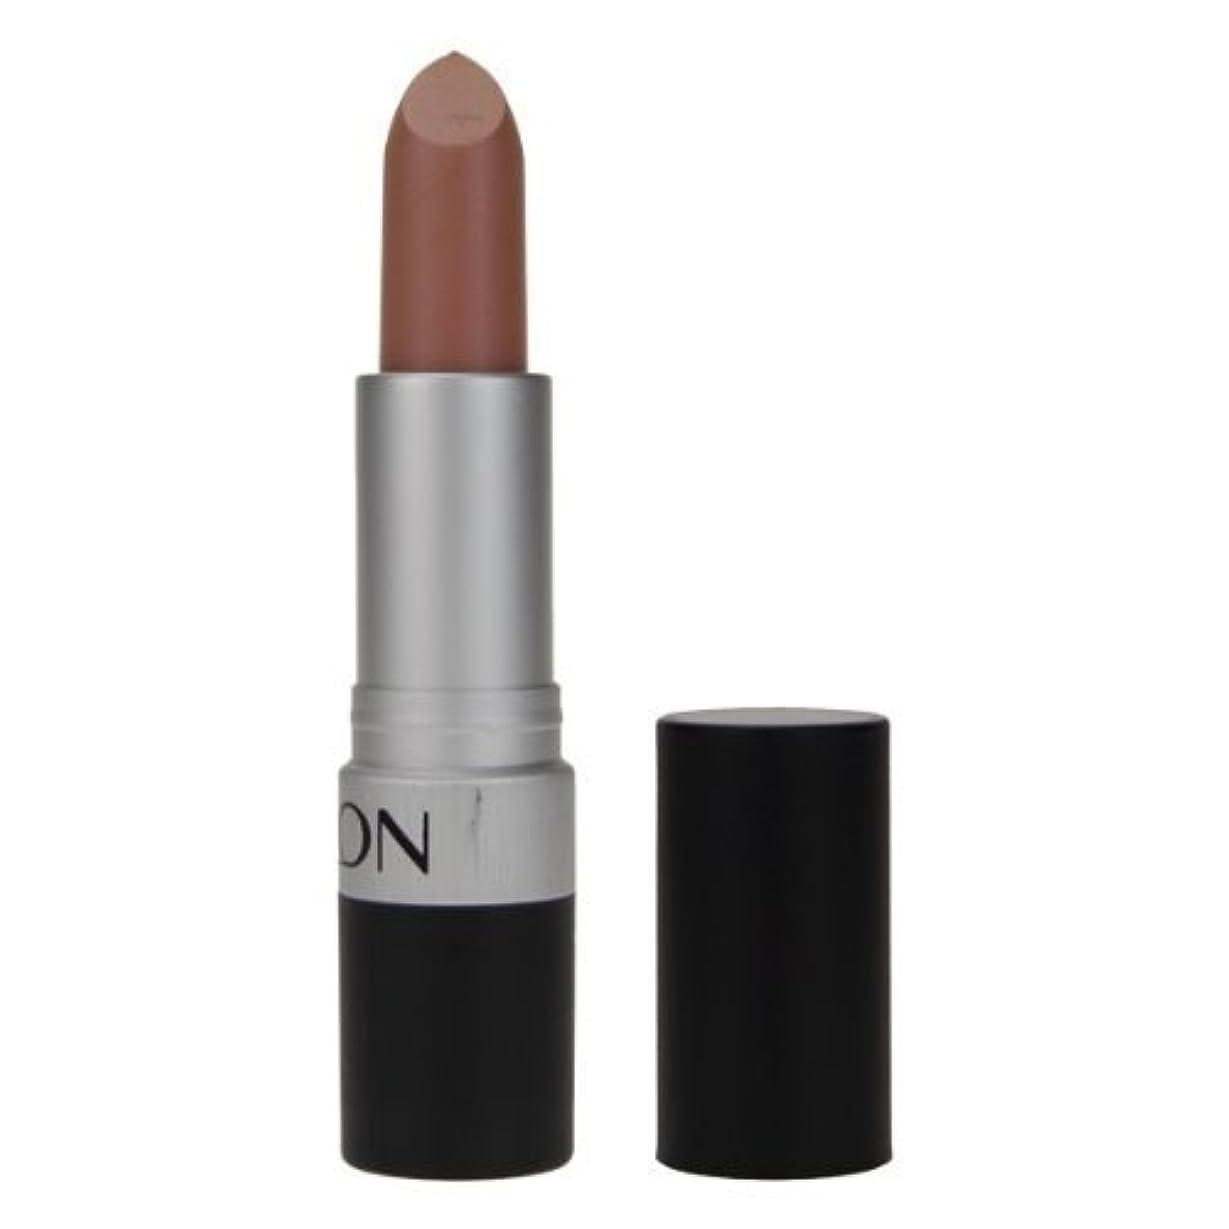 集団外部フィードバックREVLON Super Lustrous Lipstick Matte - Nude Attitude 001 (並行輸入品)